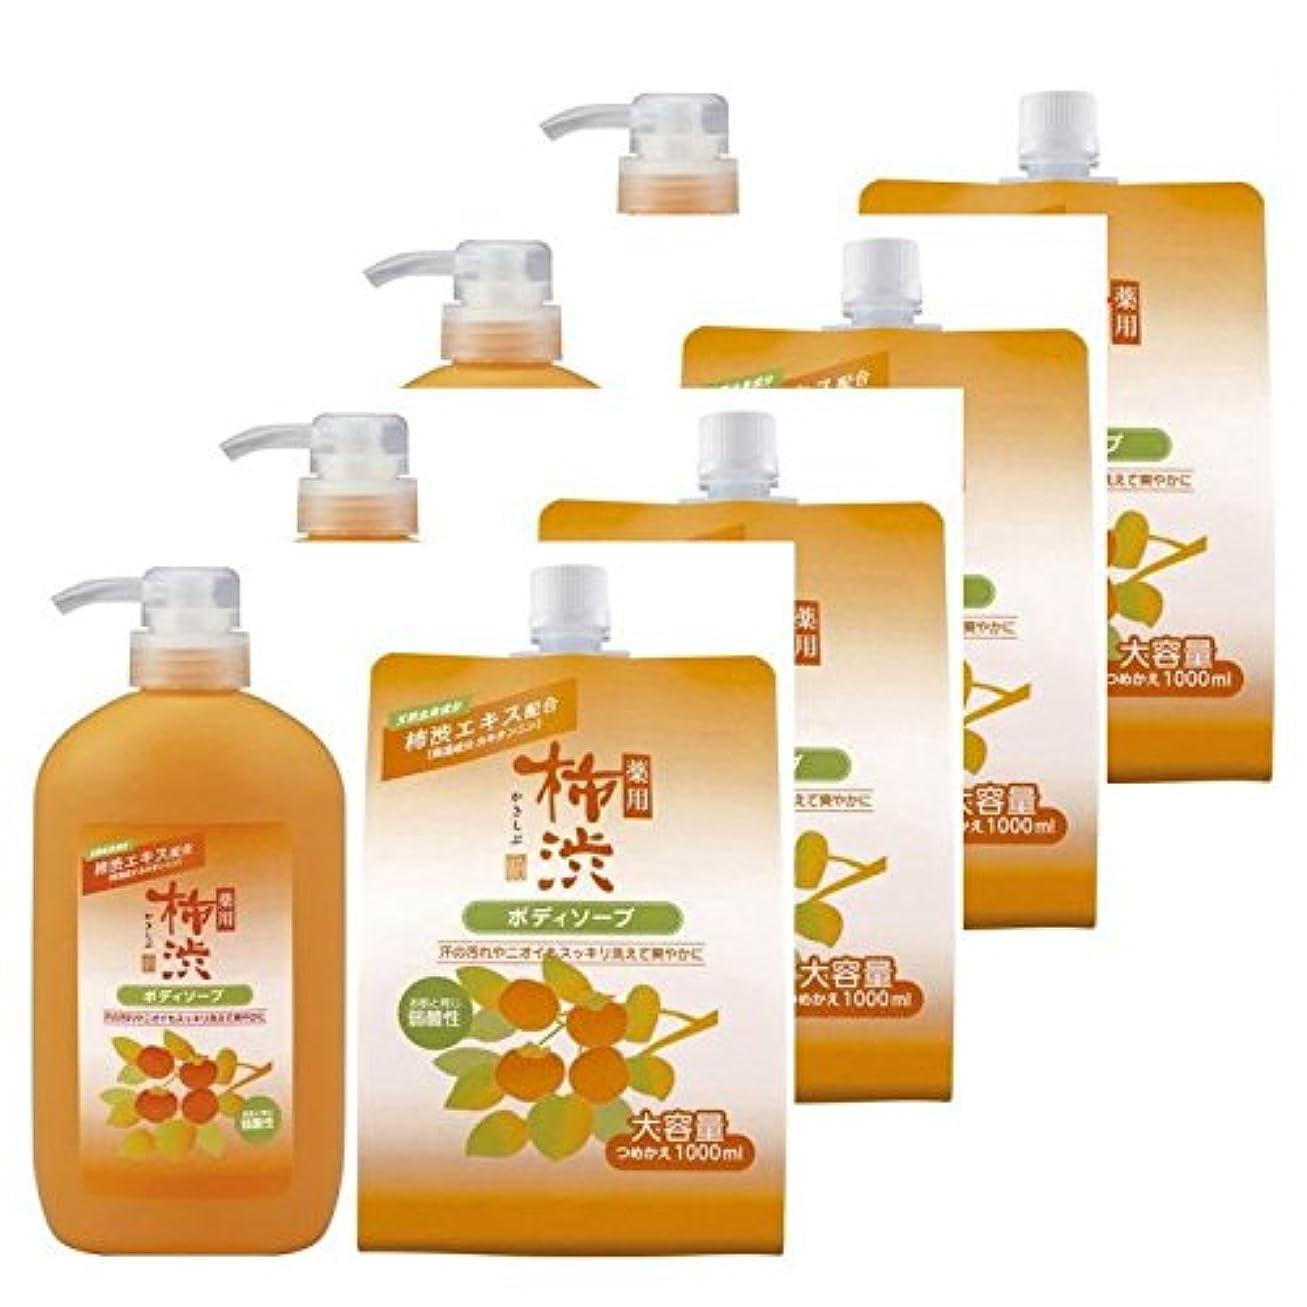 服を洗う快適ジェスチャー薬用柿渋ボディソープ ボトル 600ml+替1000mlセット(各4個の計8個セット)